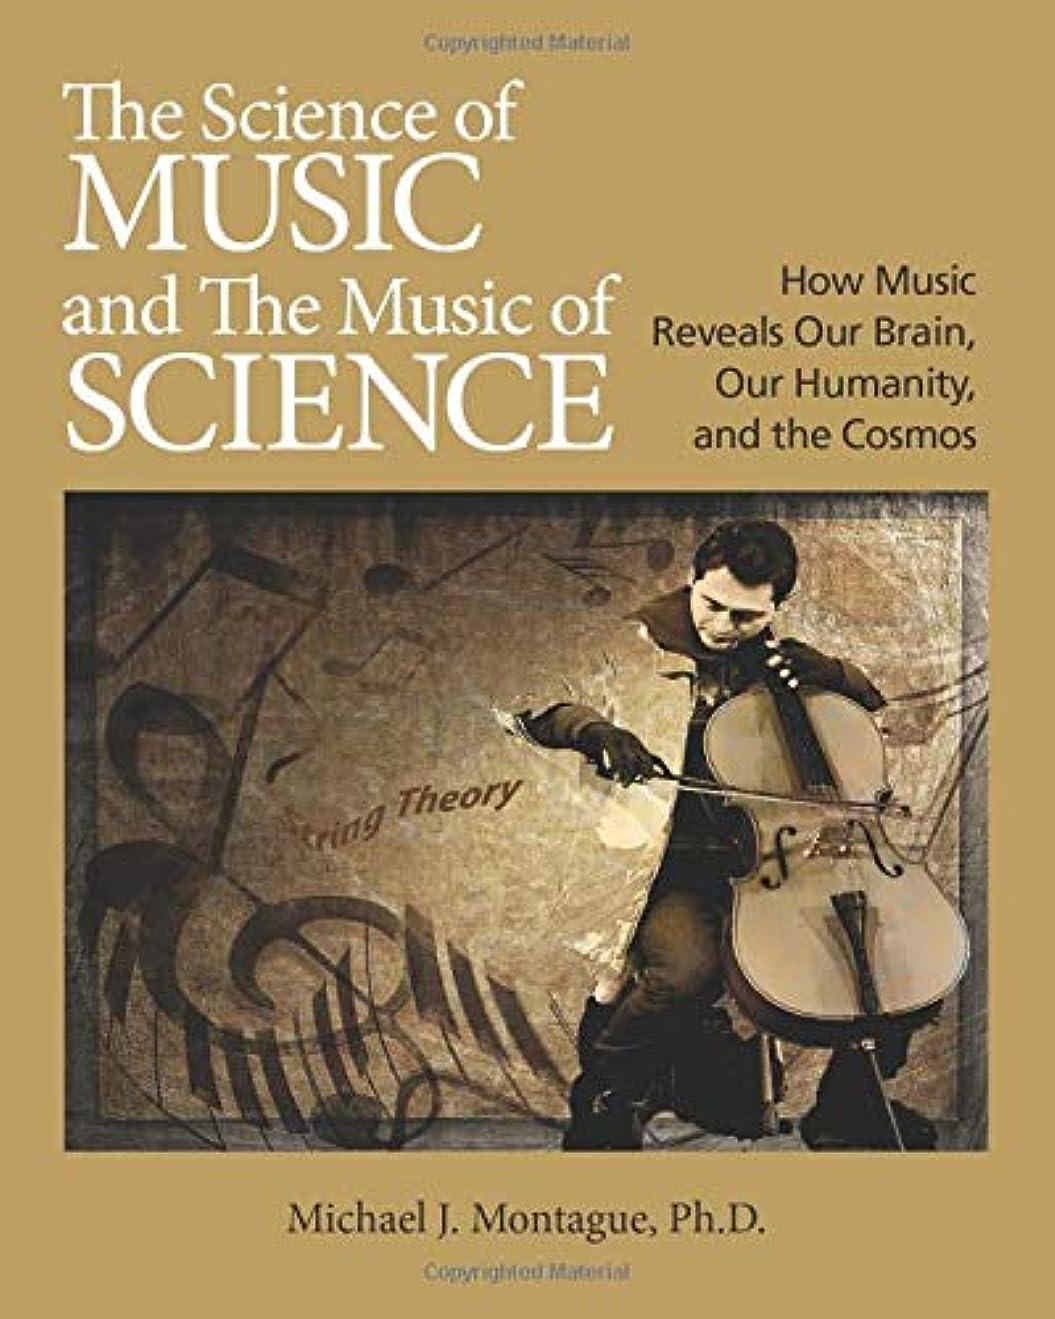 ベンチ口ひげ面白いThe Science of Music and the Music of Science: How Music Reveals Our Brain, Our Humanity, and the Cosmos